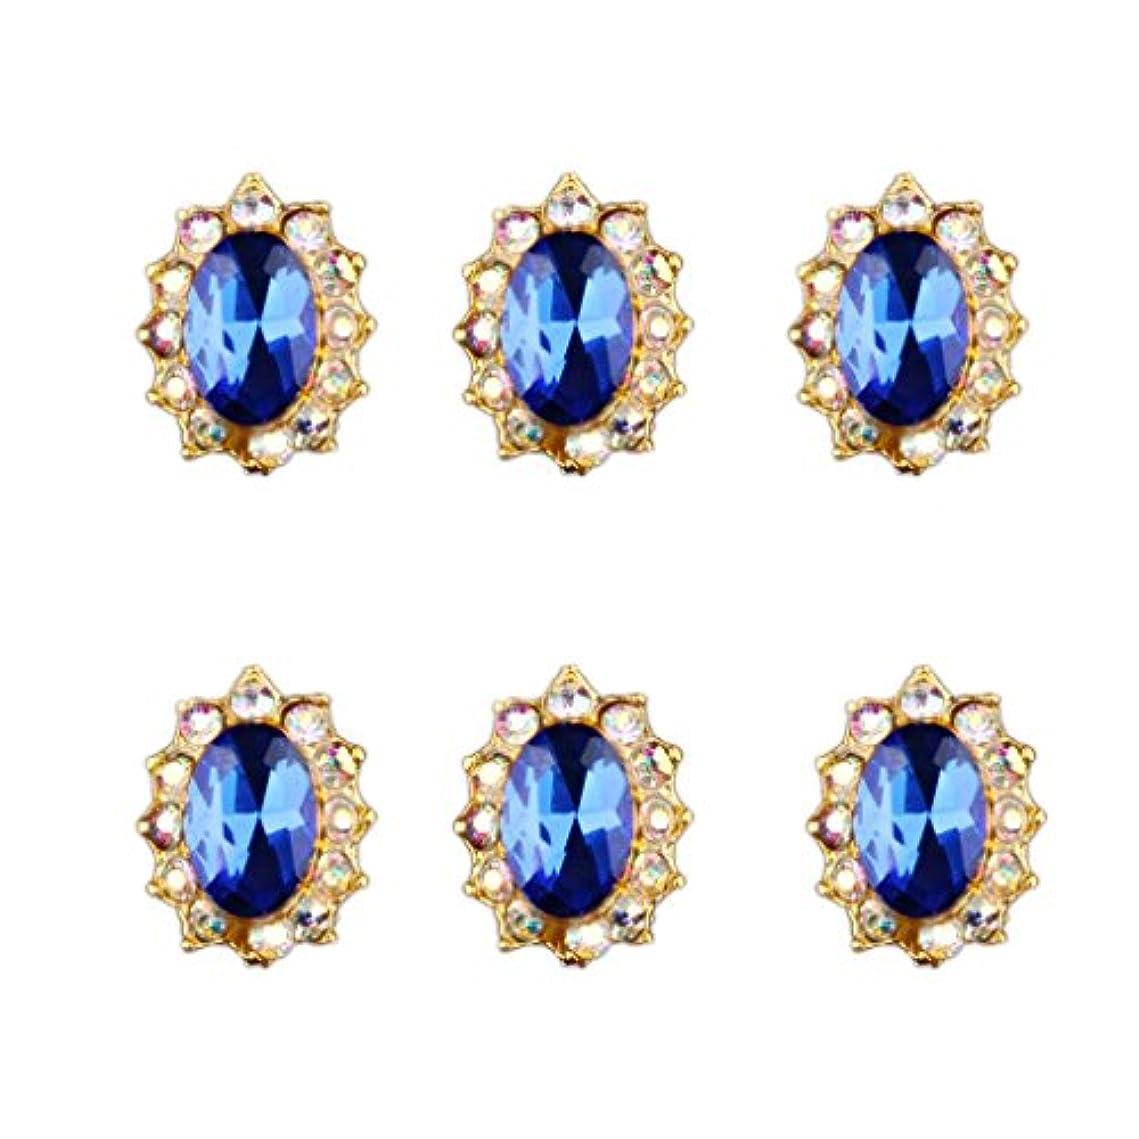 魅惑的な放置全部10ピース キラキラ ネイル アート デコレーション ラインストーン チャーム ジュエリー 宝石 電話ケース対応 3Dヒントツール きれい 全10種類 - 3